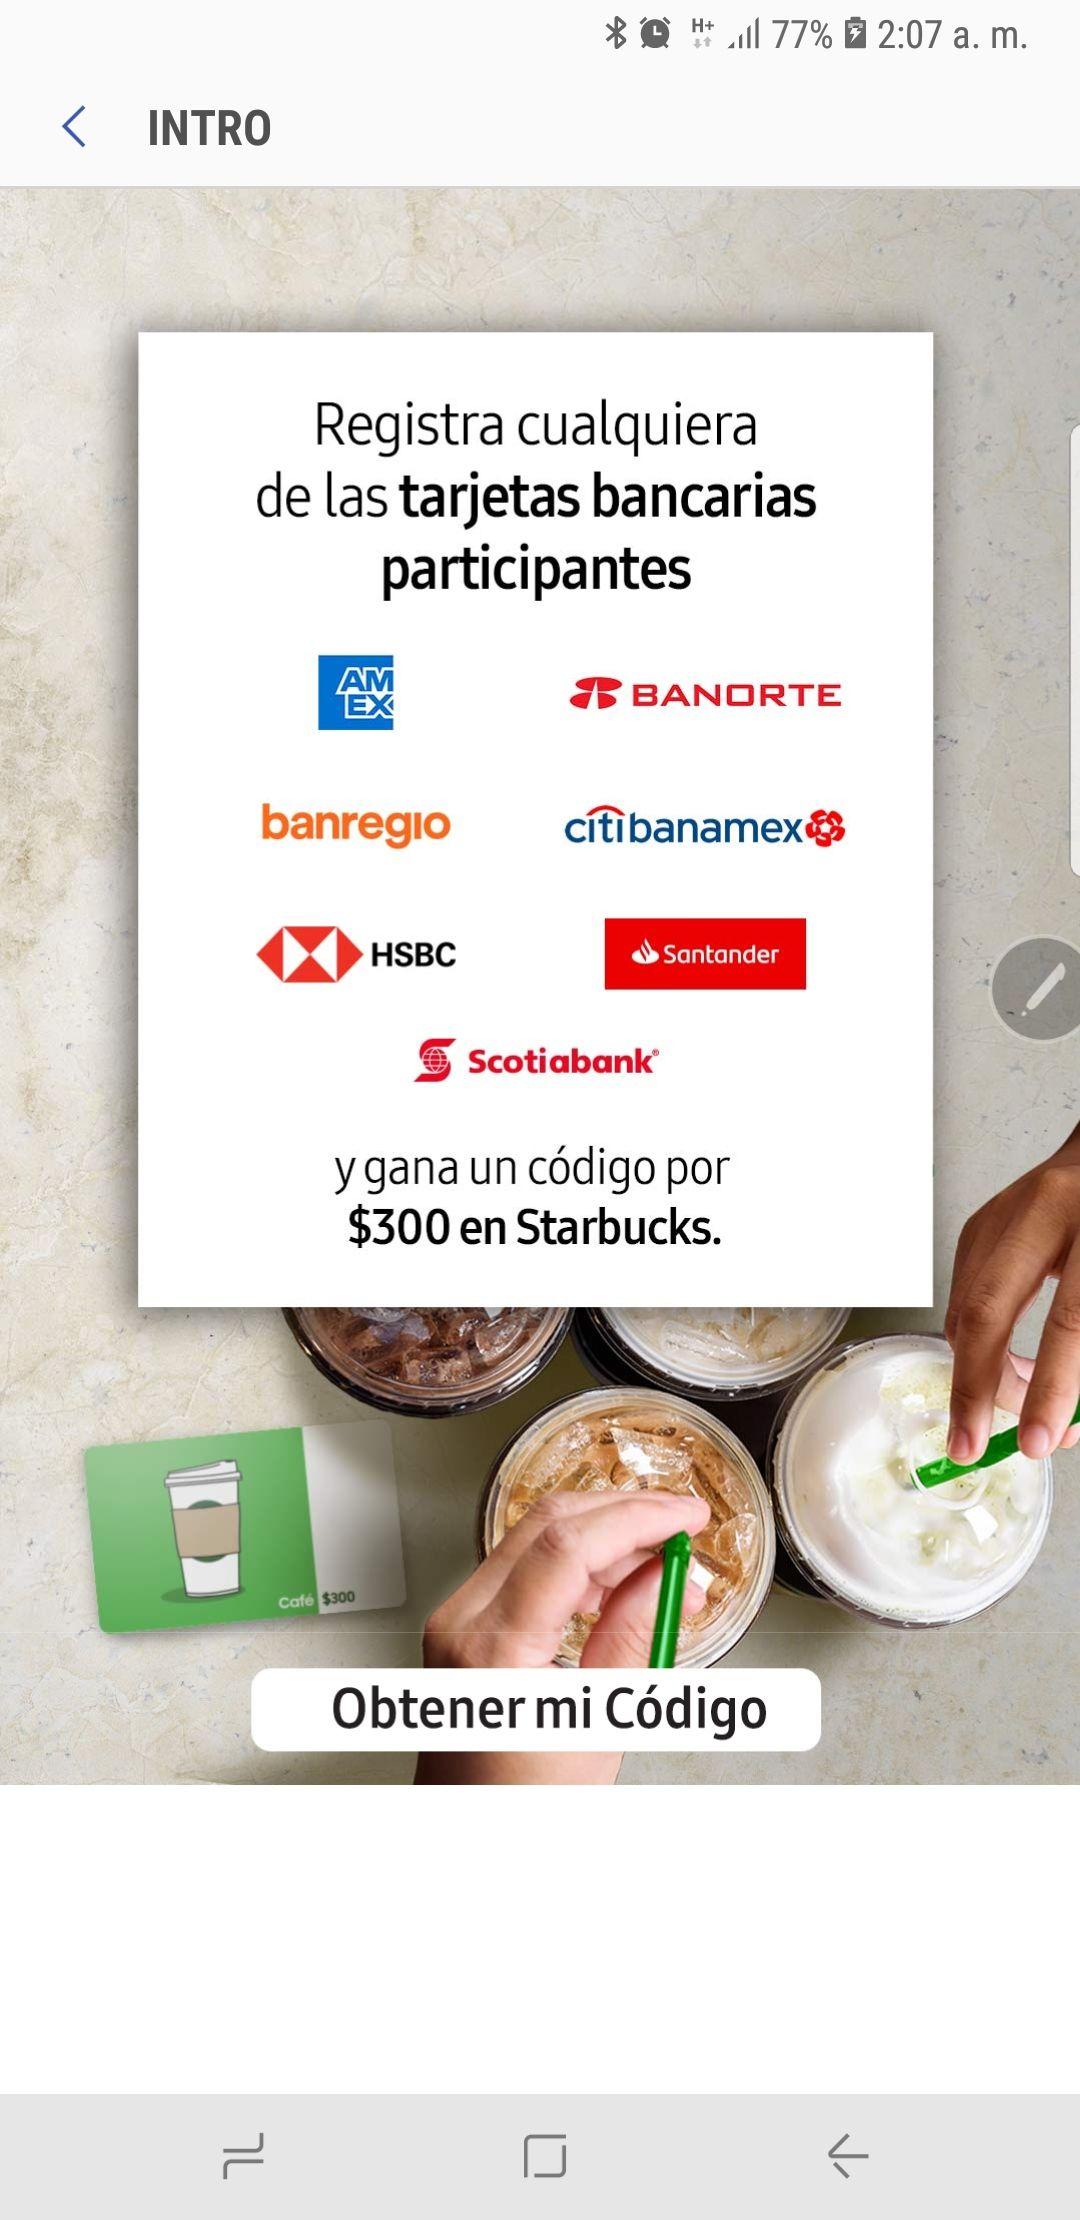 Starbucks: Registra una tarjeta en Samsung Pay y obten 300 pesos